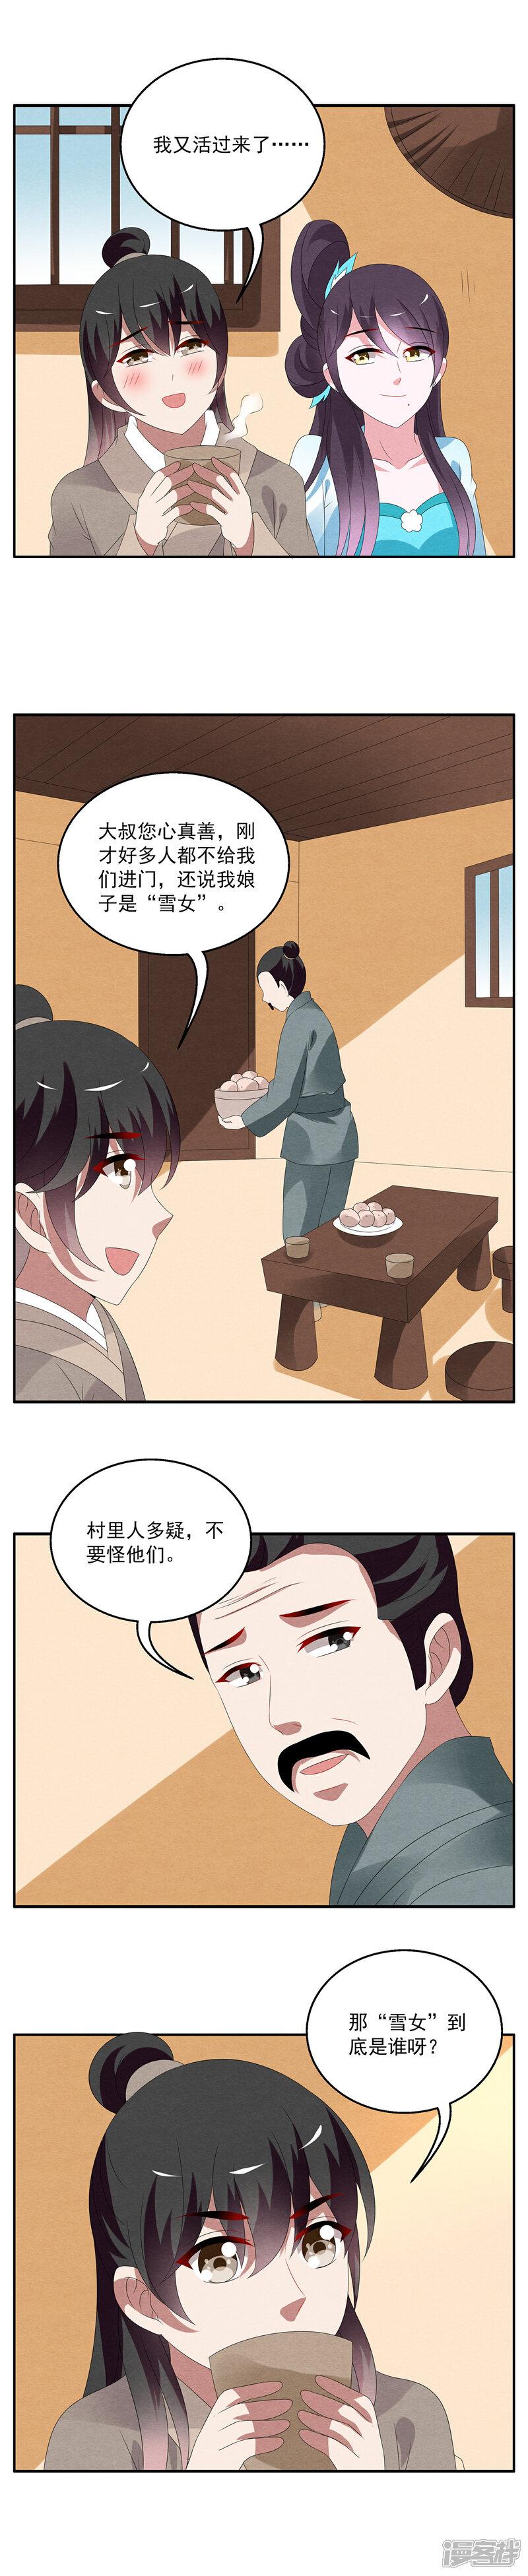 洛小妖88890006.JPG